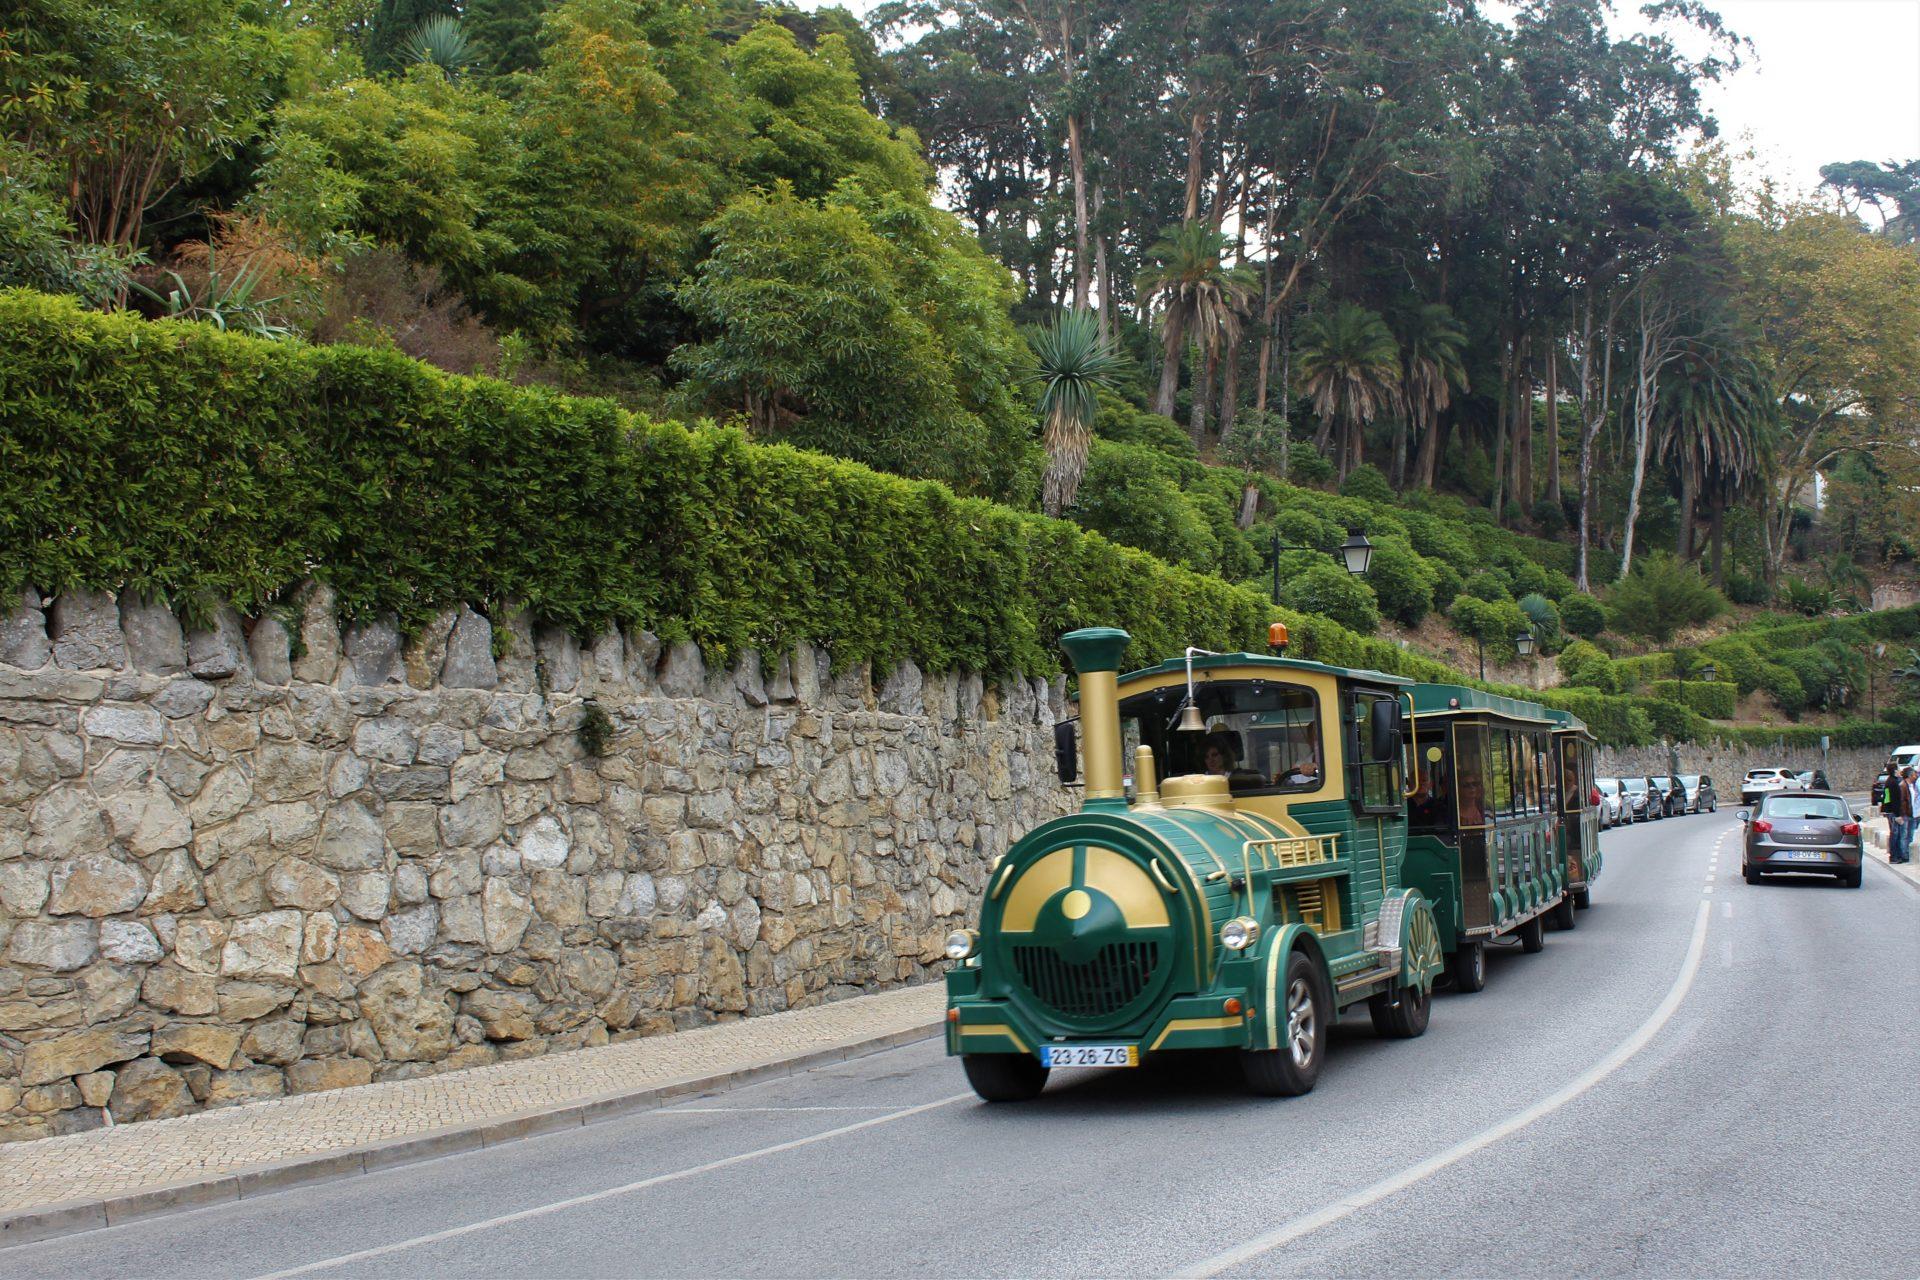 Kolejka turystyczna w Sintrze